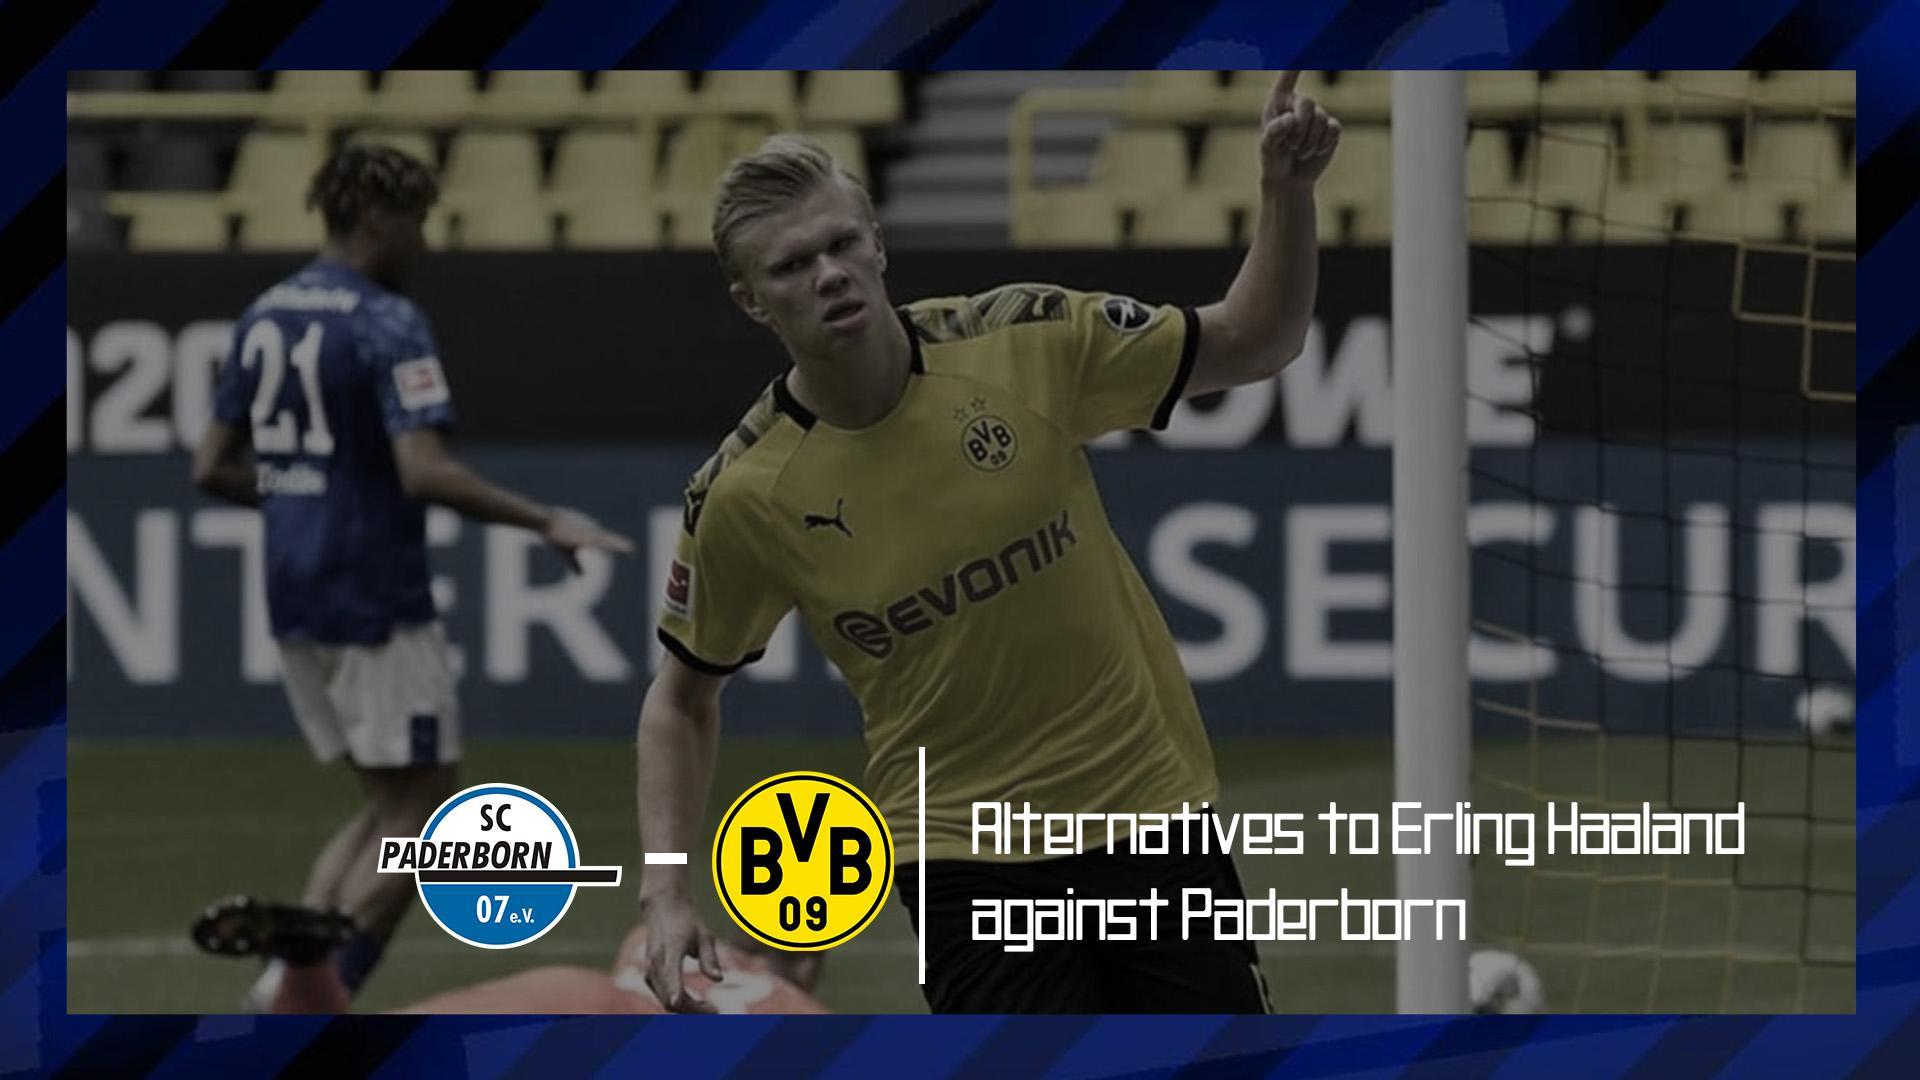 Alternatives-to-Erling-Haaland-against-Paderborn-vs-Dortmund-Bundesliga-2019-20